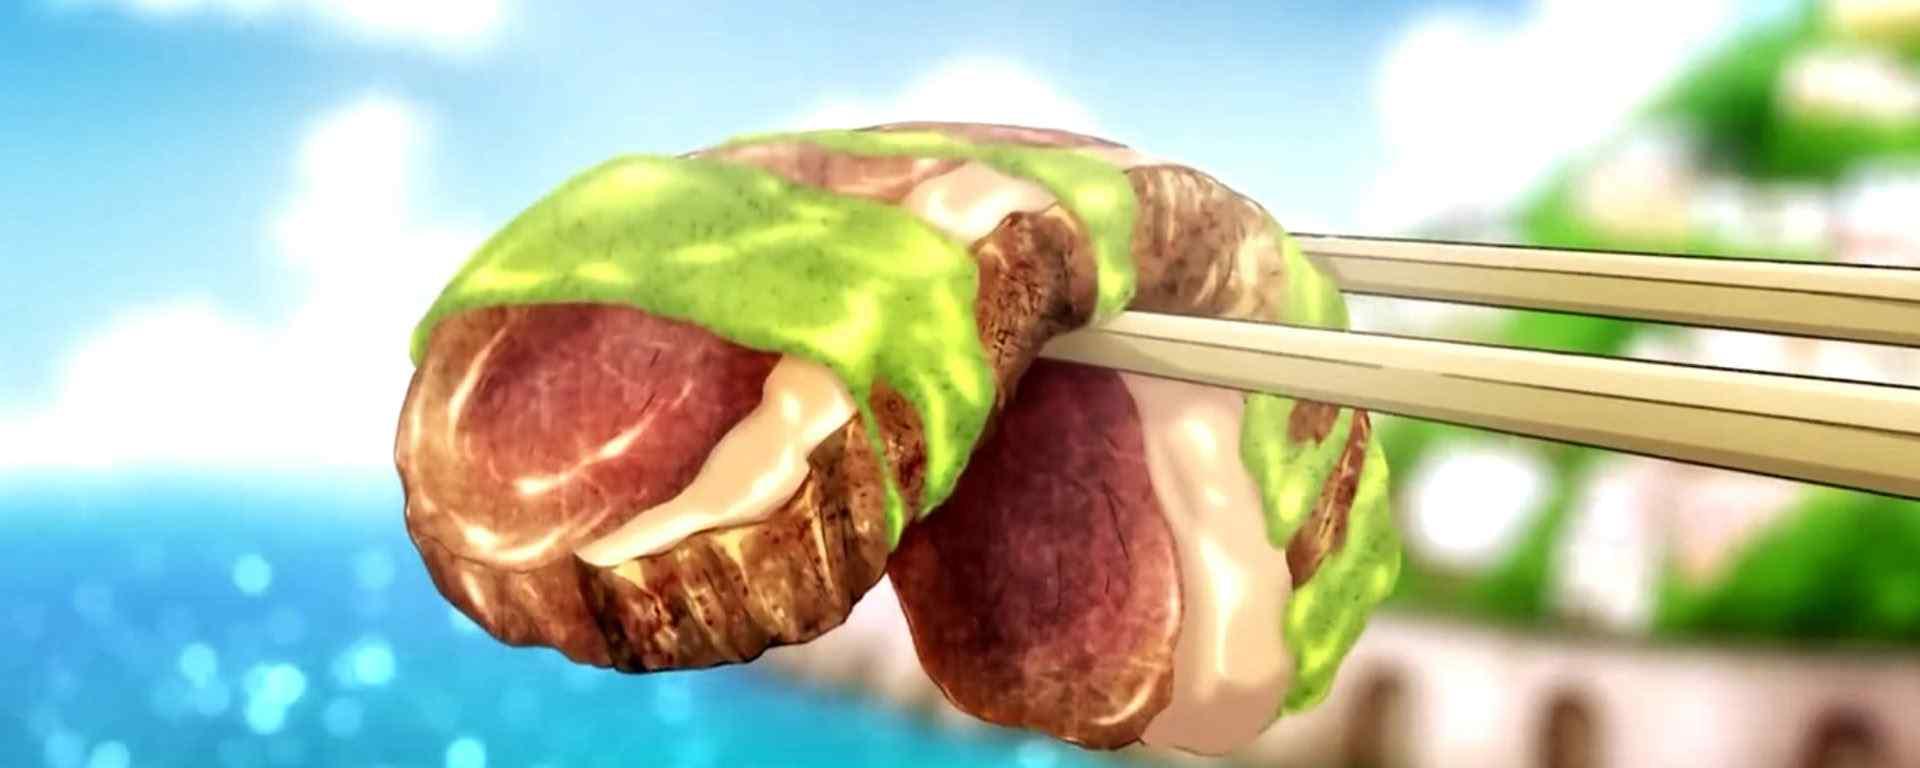 动漫美食壁纸图片_食戟之灵动漫美食图片_动漫美食现实还原_吃货漫迷福利